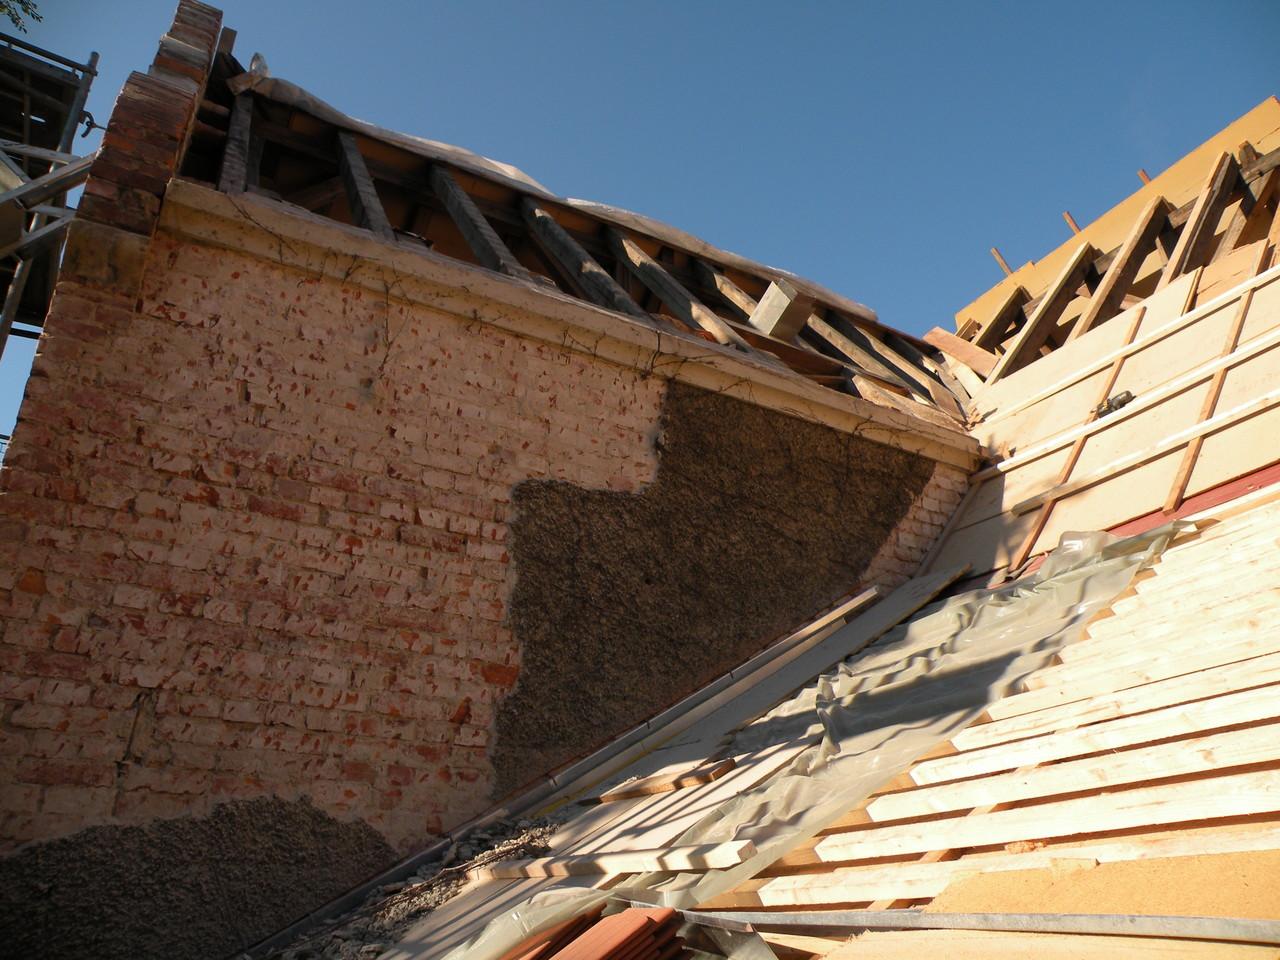 Blick aufs offene Dach